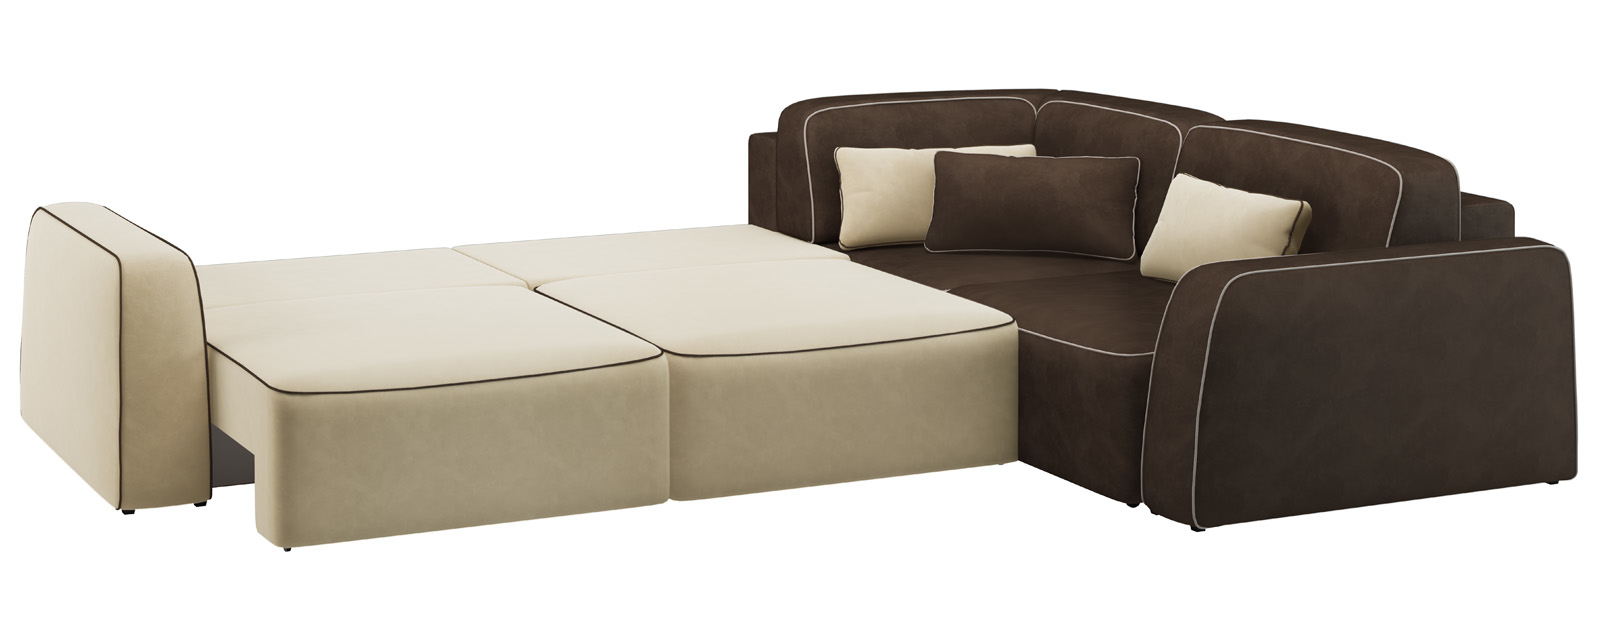 Модульный диван Портленд 350 см Вариант №3 Velure бежевый/темно-коричневый (Велюр) от HomeMe.ru